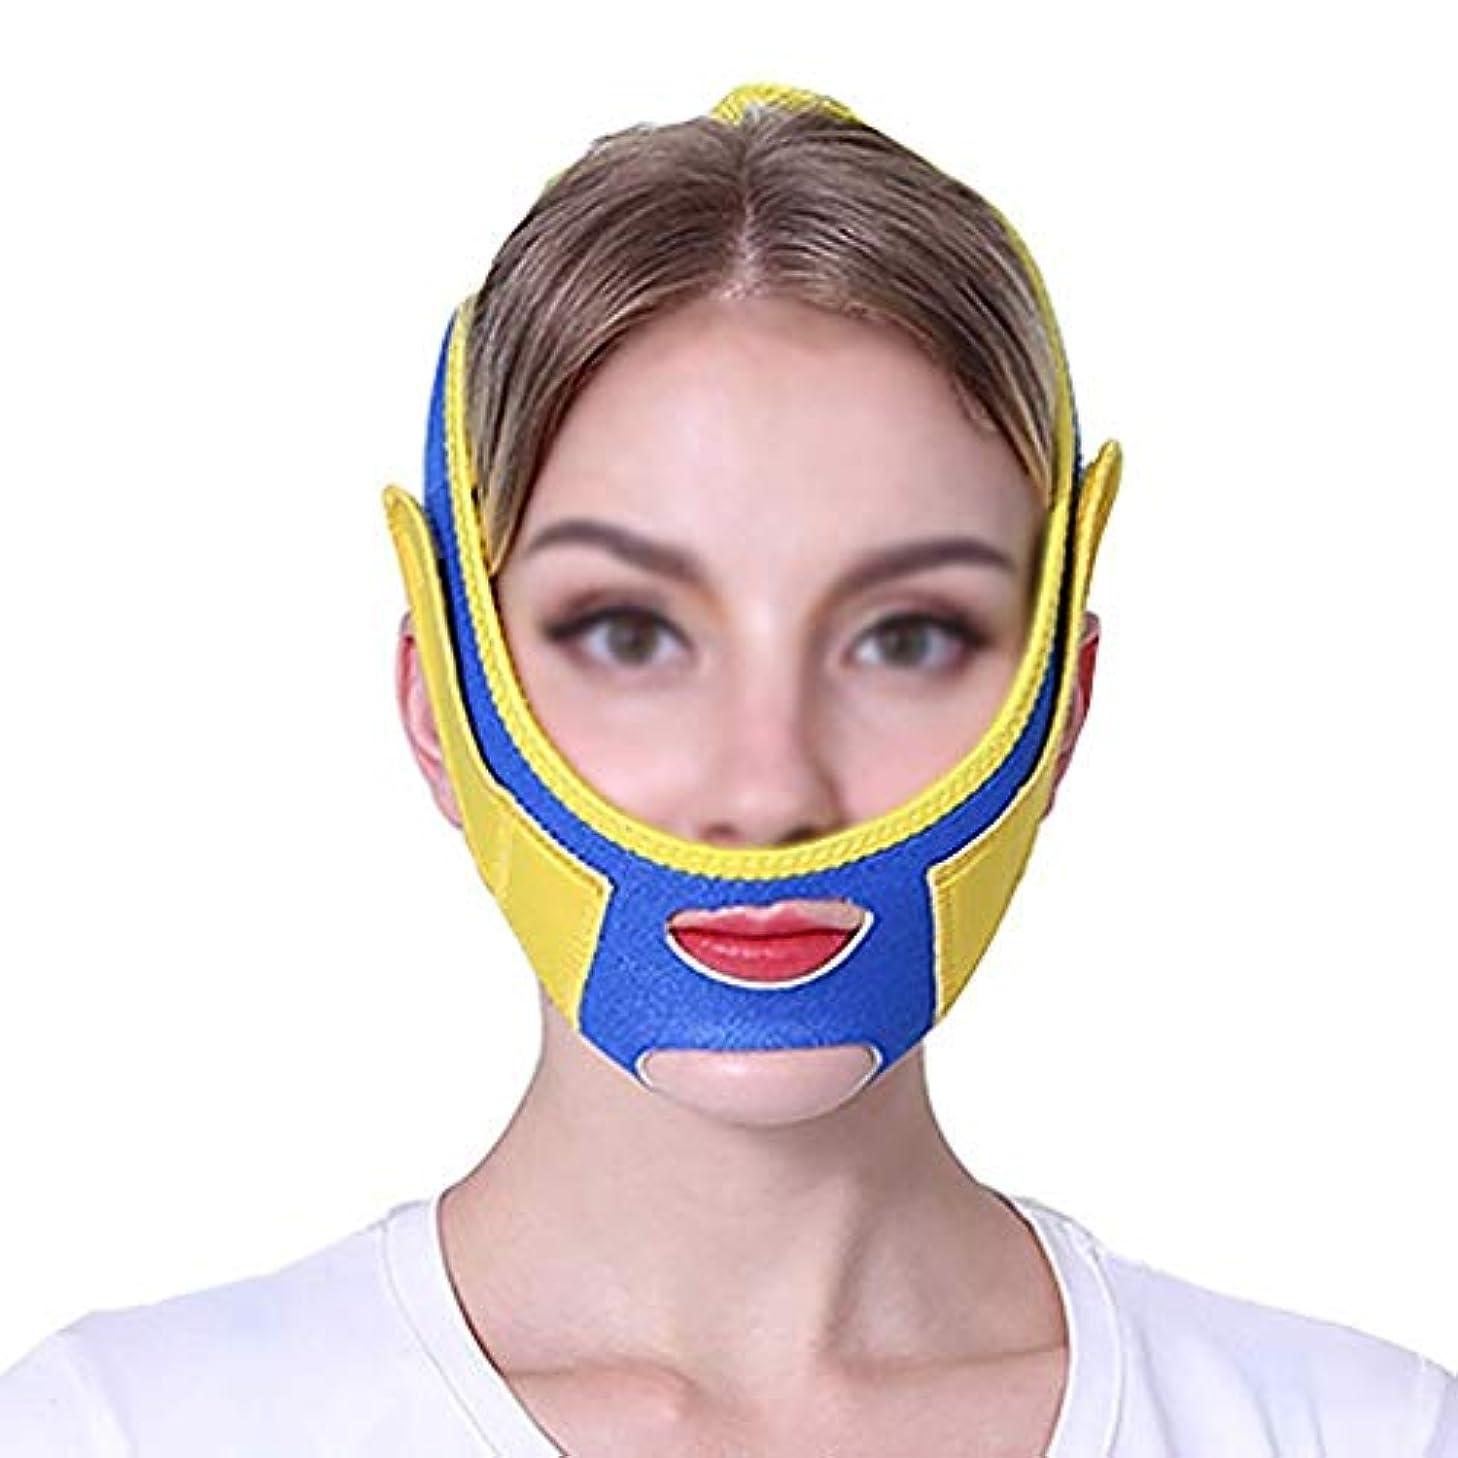 滑る追跡探すファーミングフェイスマスク、スモールVフェイスアーティファクトリフティングマスクフェイスリフティングフェイスメロンフェイスリフティングフェイスマスクファーミングクリームフェイスリフティングバンデージ